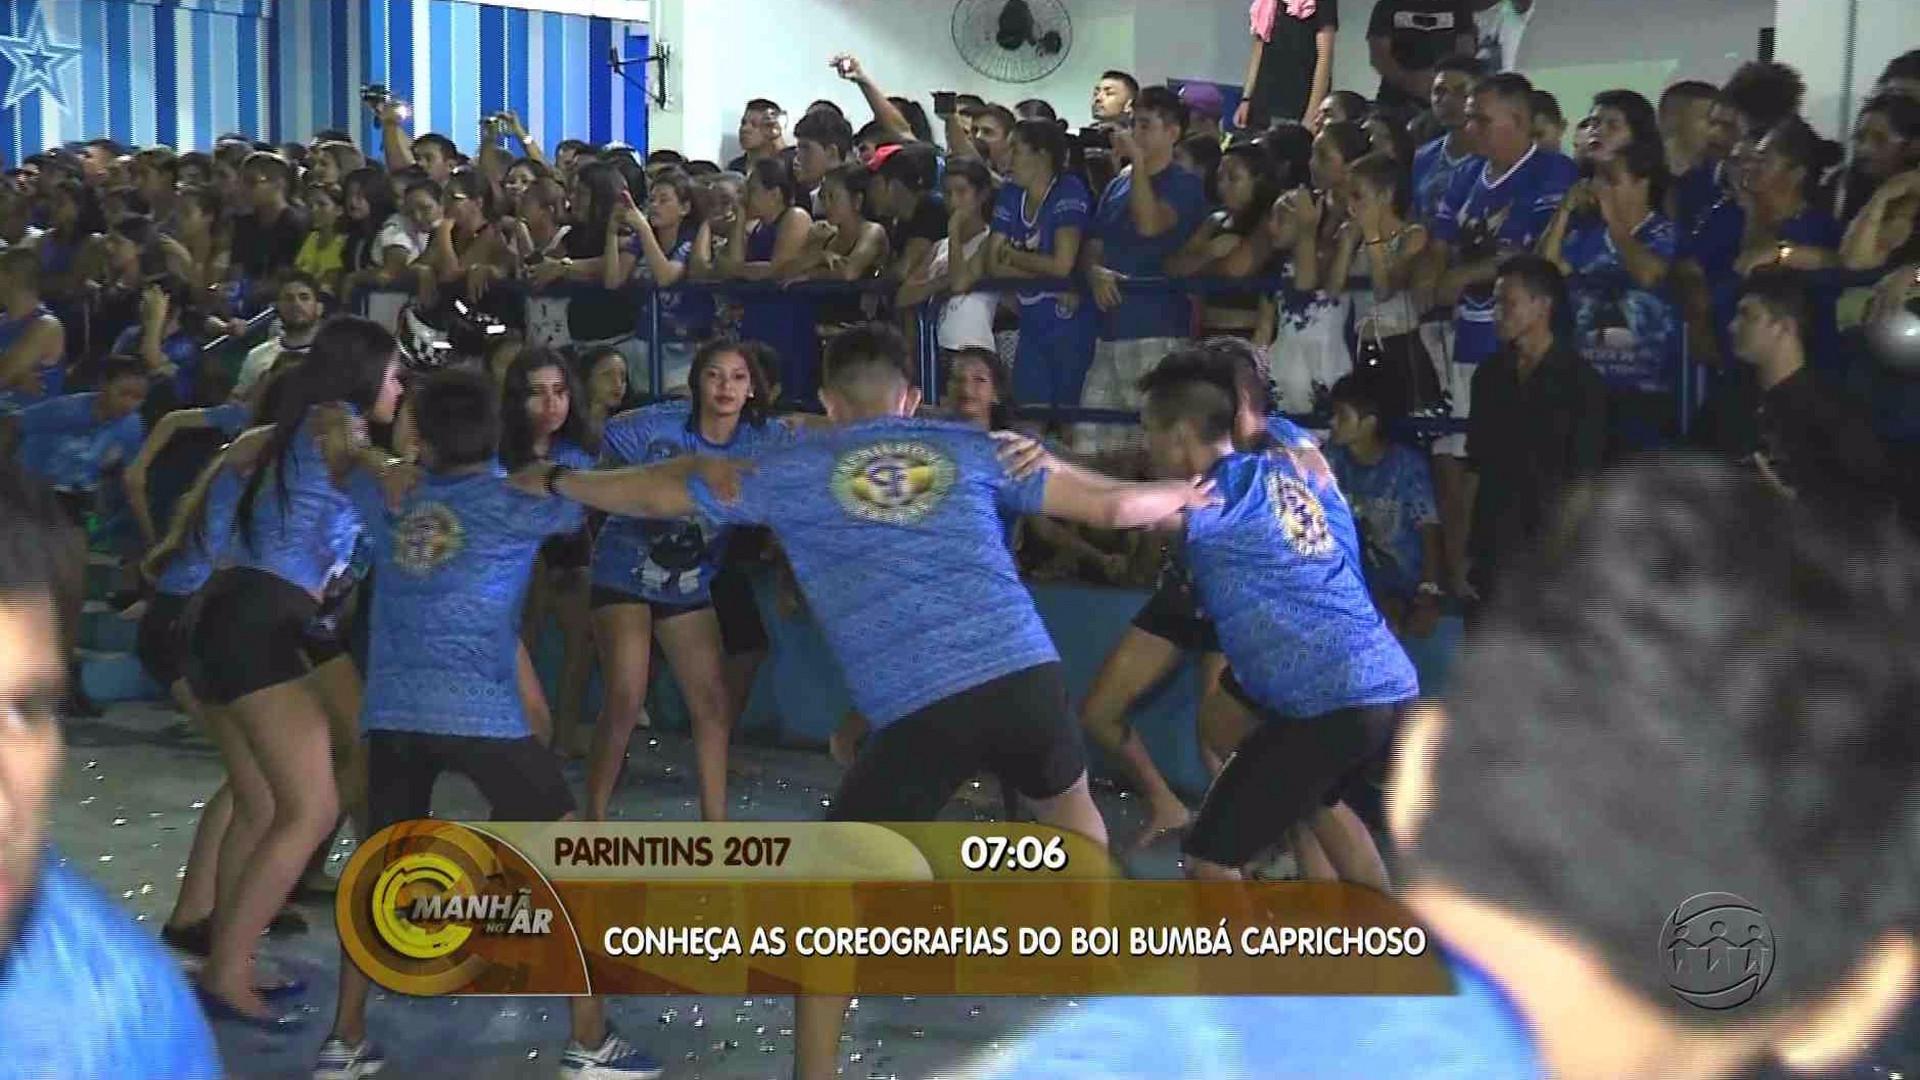 CONHEÇA AS COREOGRAFIAS DO BOI CAPRICHOSO - Manhã no Ar 27/06/17 - A Crítica na TV 27/06/2017